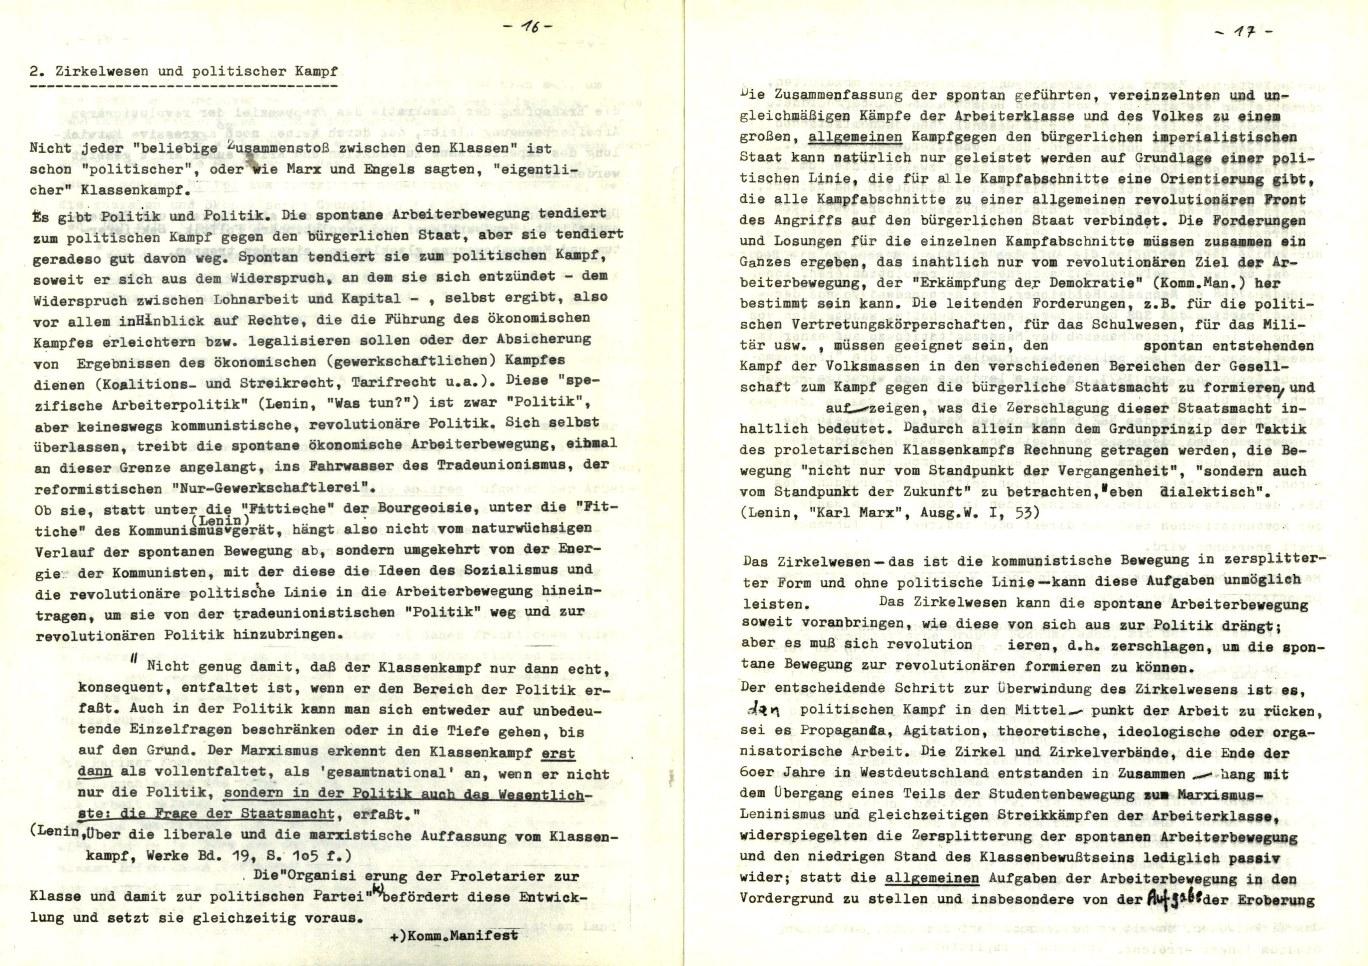 KGBE_Ehemalige_1977_Kritik_an_der_KGBE_12